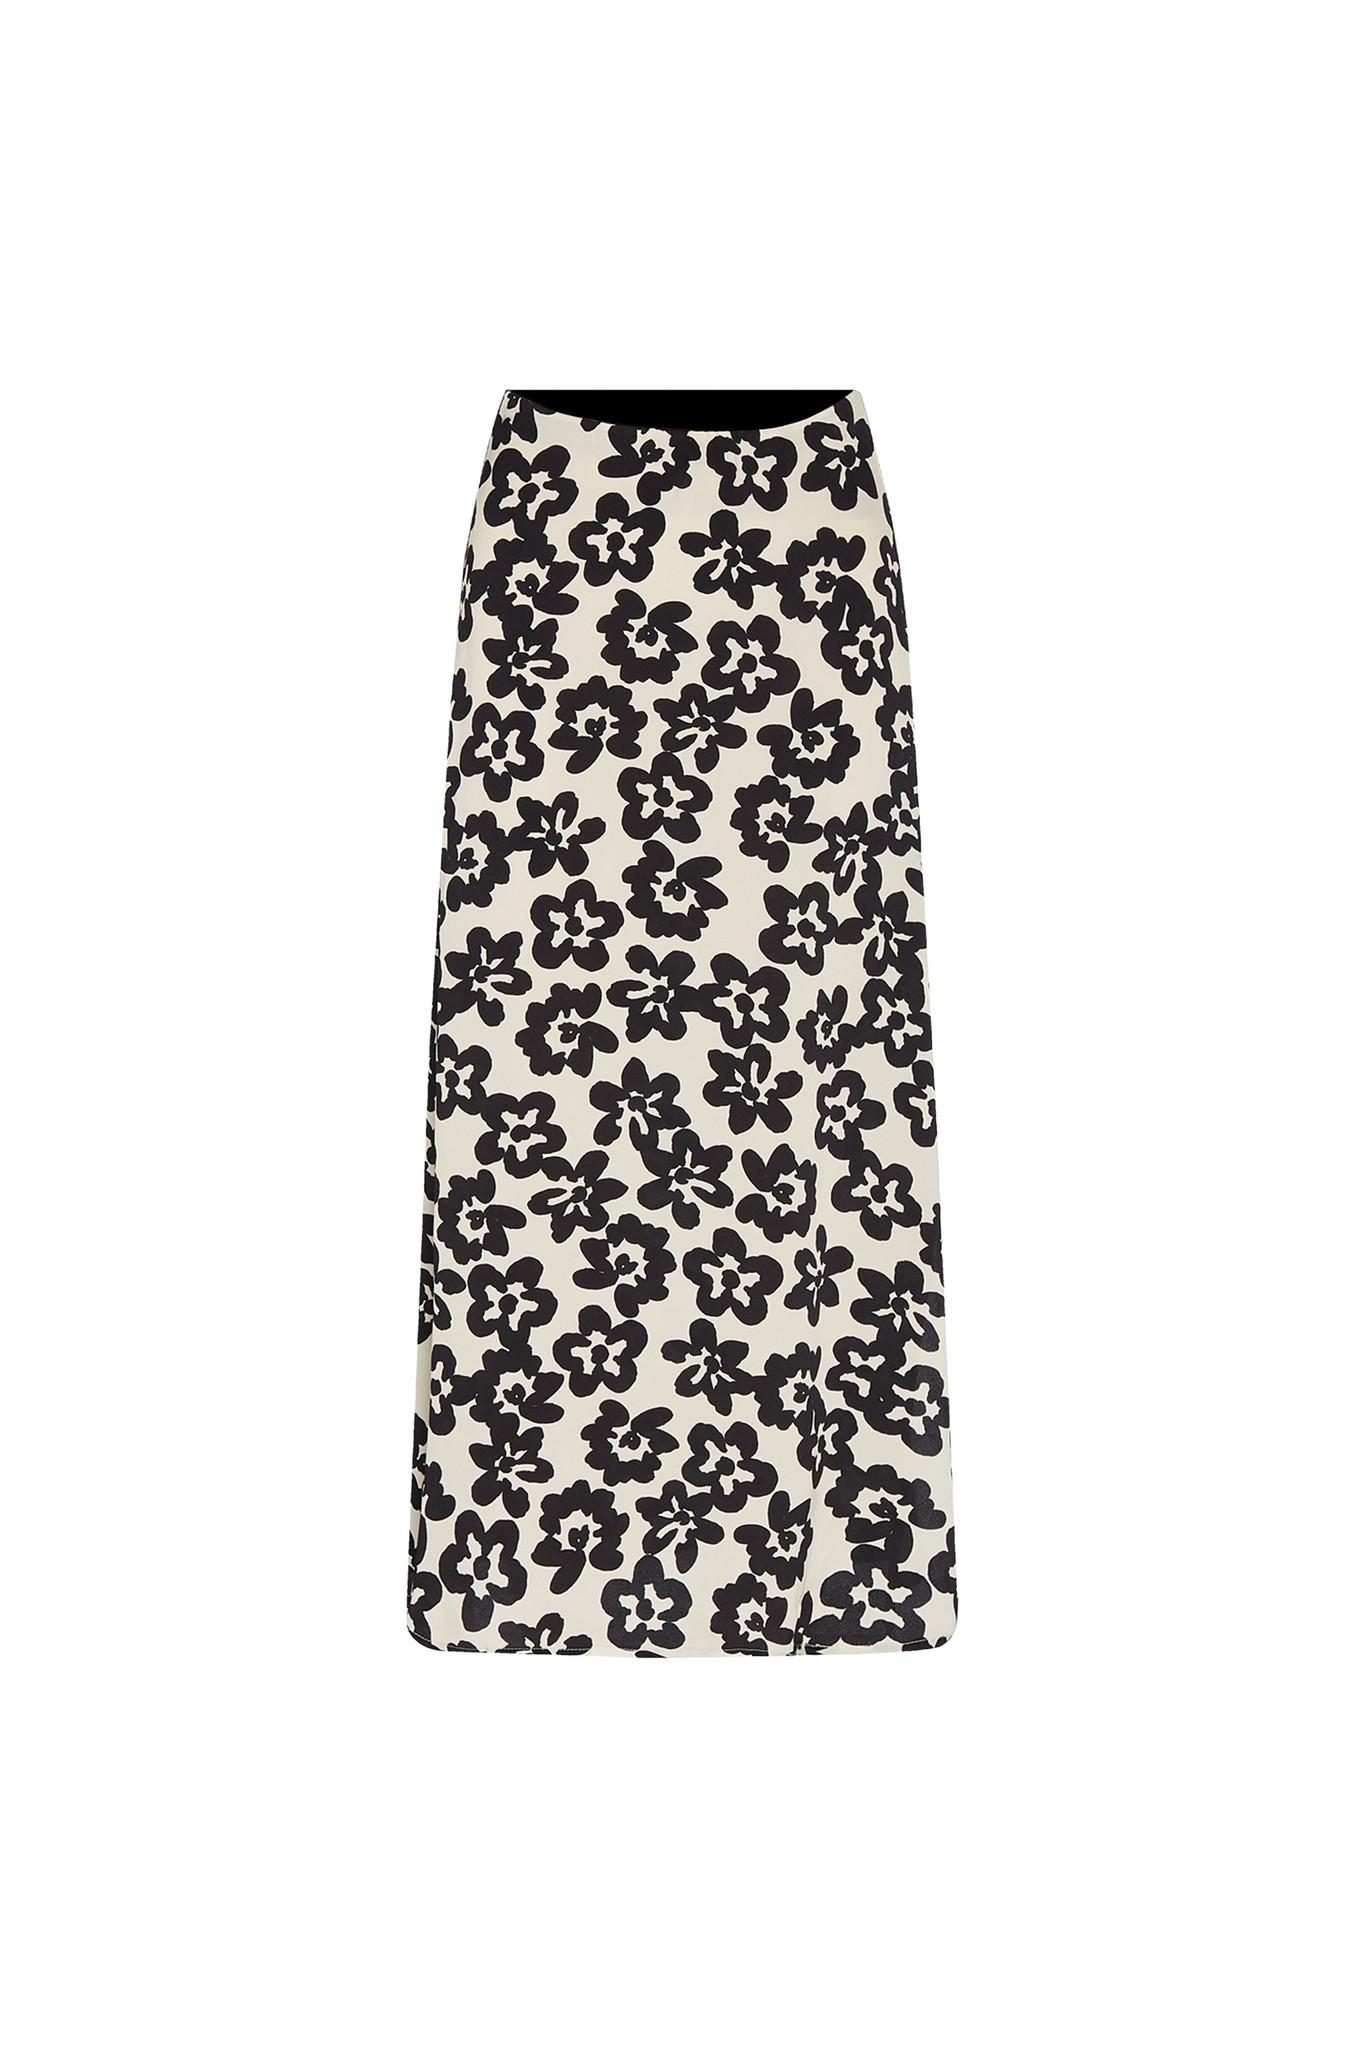 Fabienne Chapot Skirt CLT-172-SKI-1